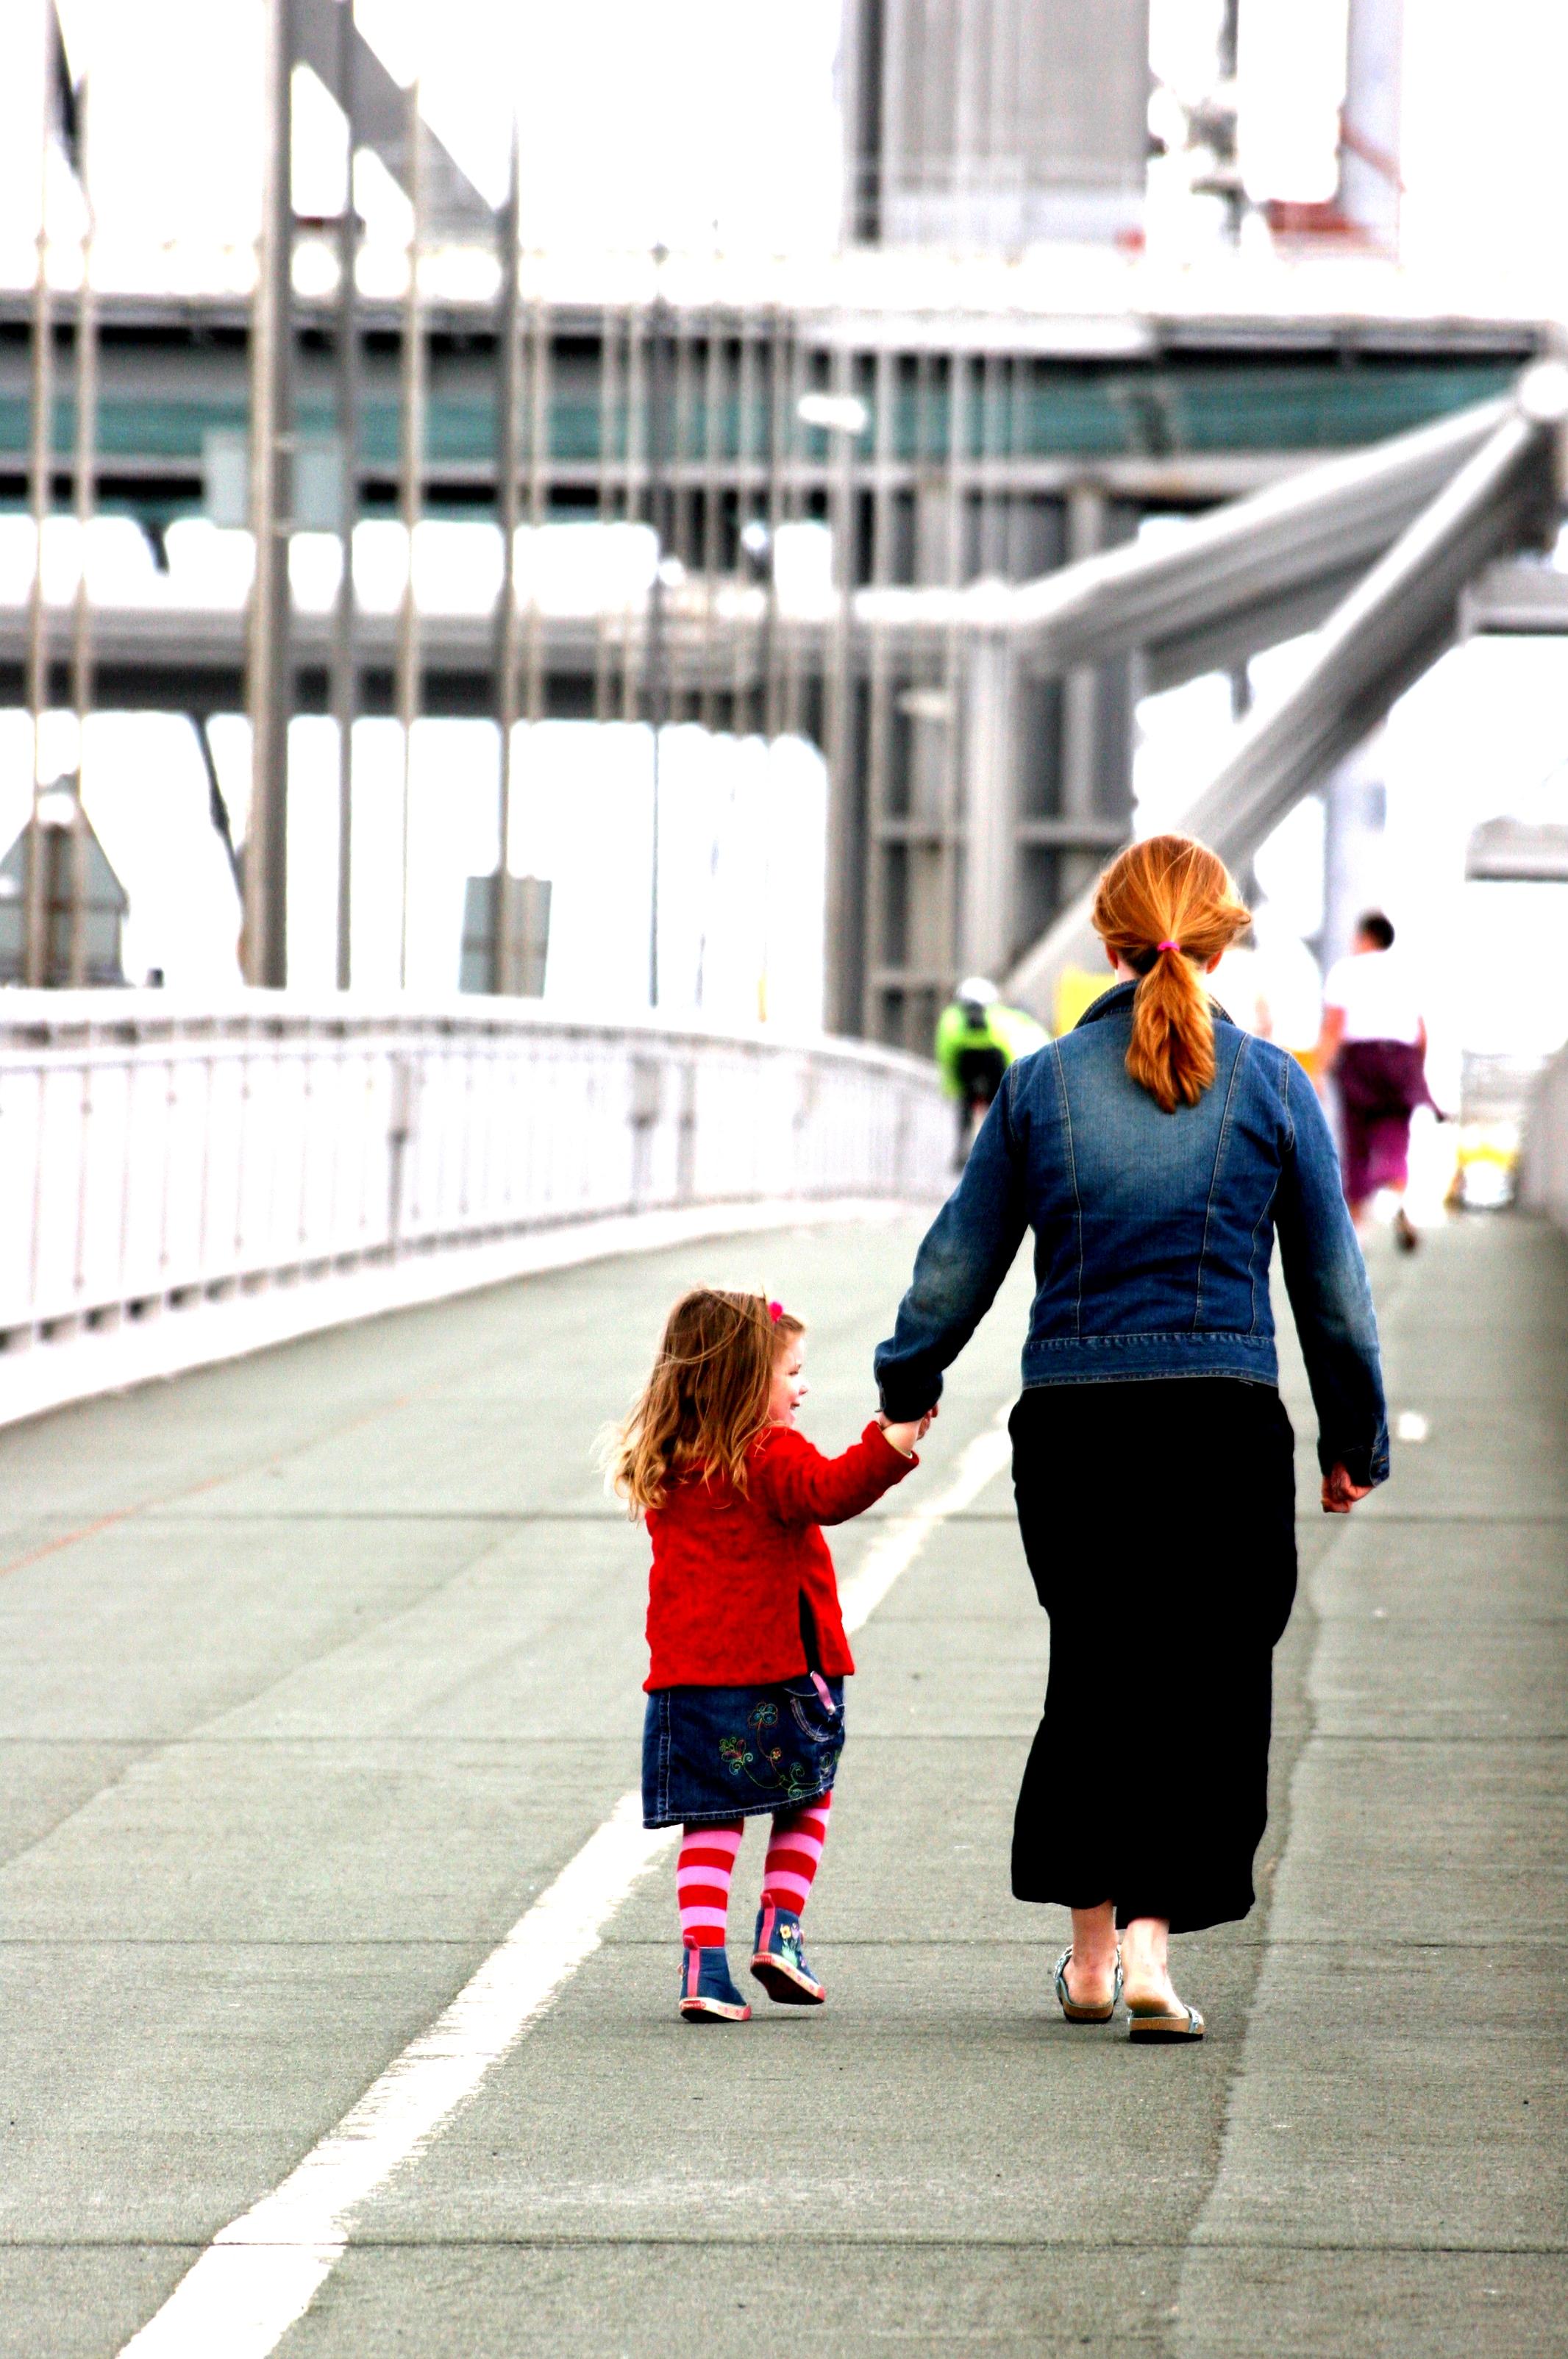 parent and child relationship after divorce